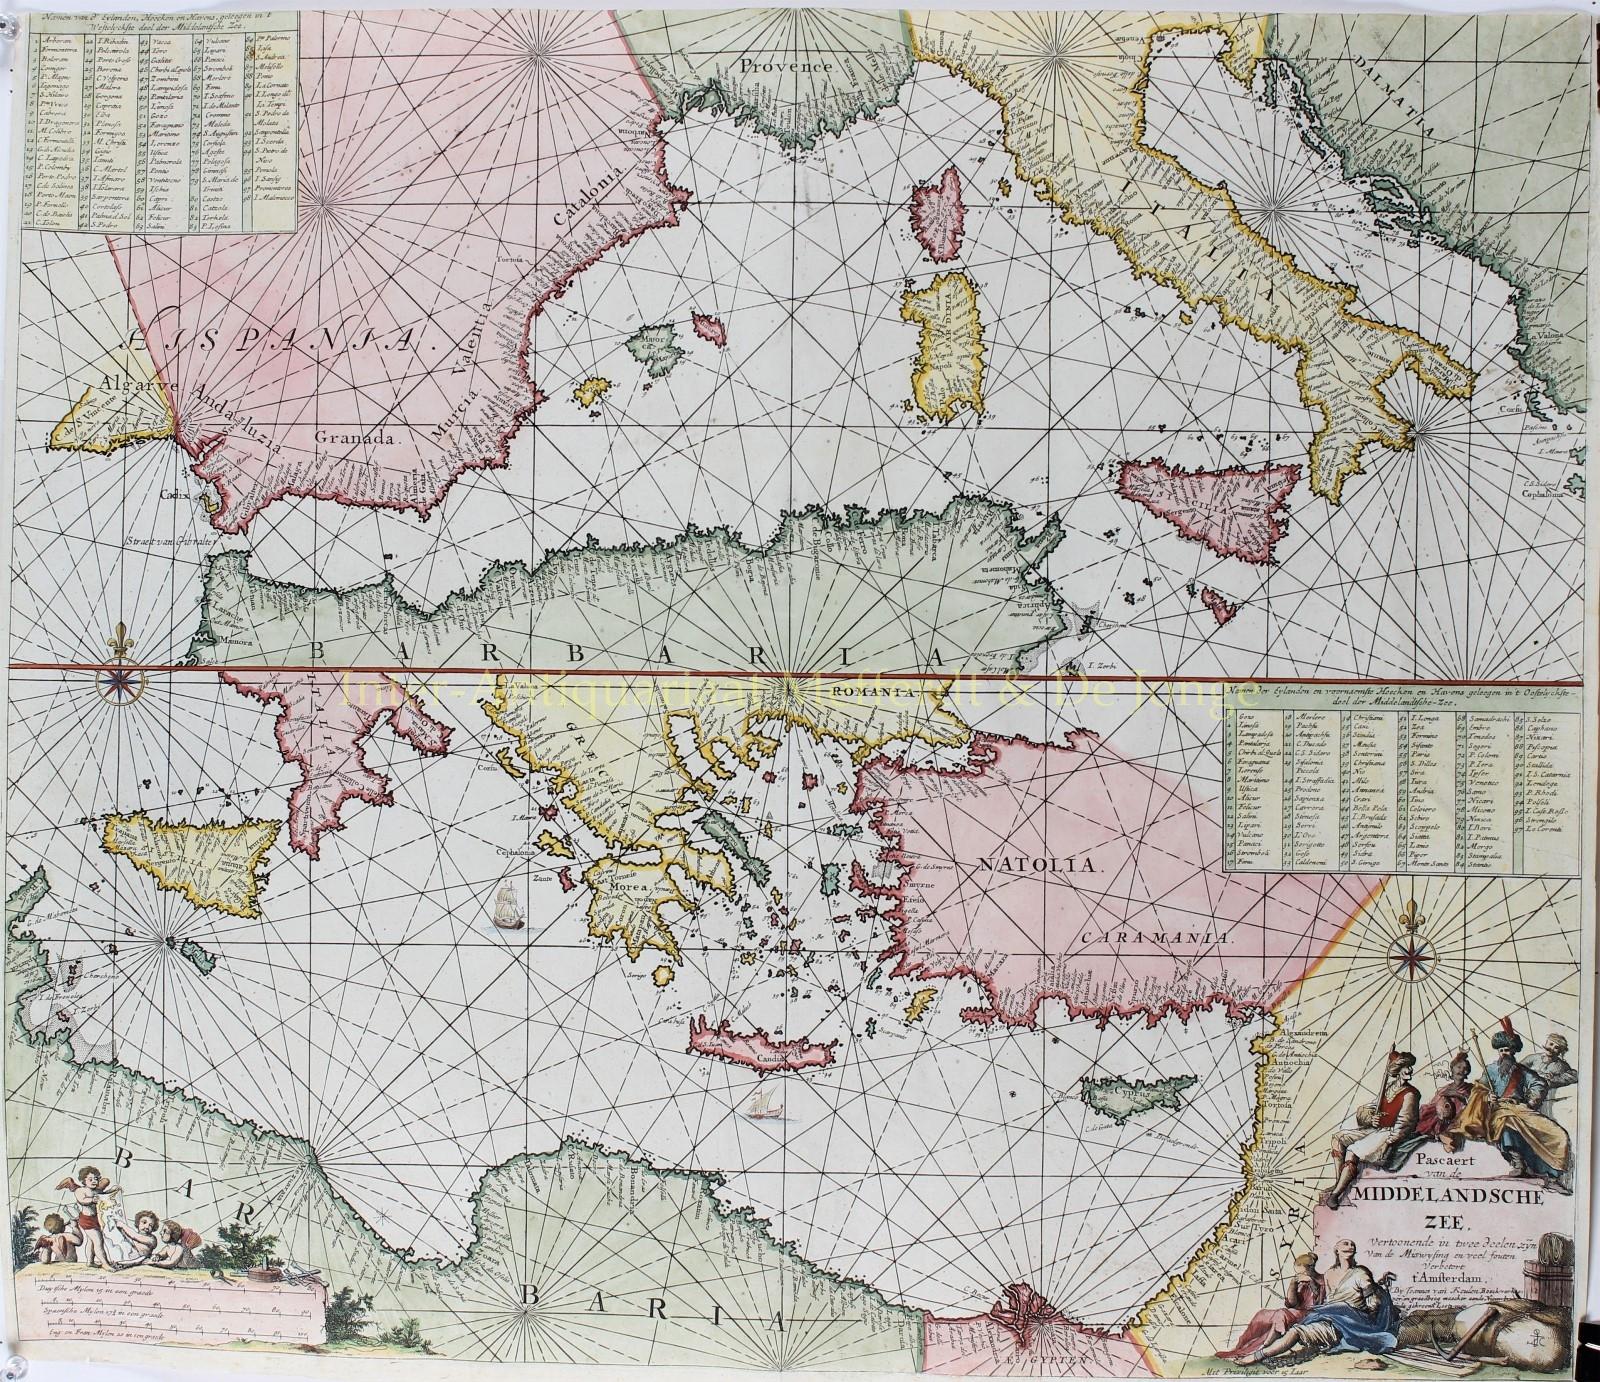 KEULEN,  IOANNES VAN - Middellandse Zee - Johannes van Keulen, 1680-1700